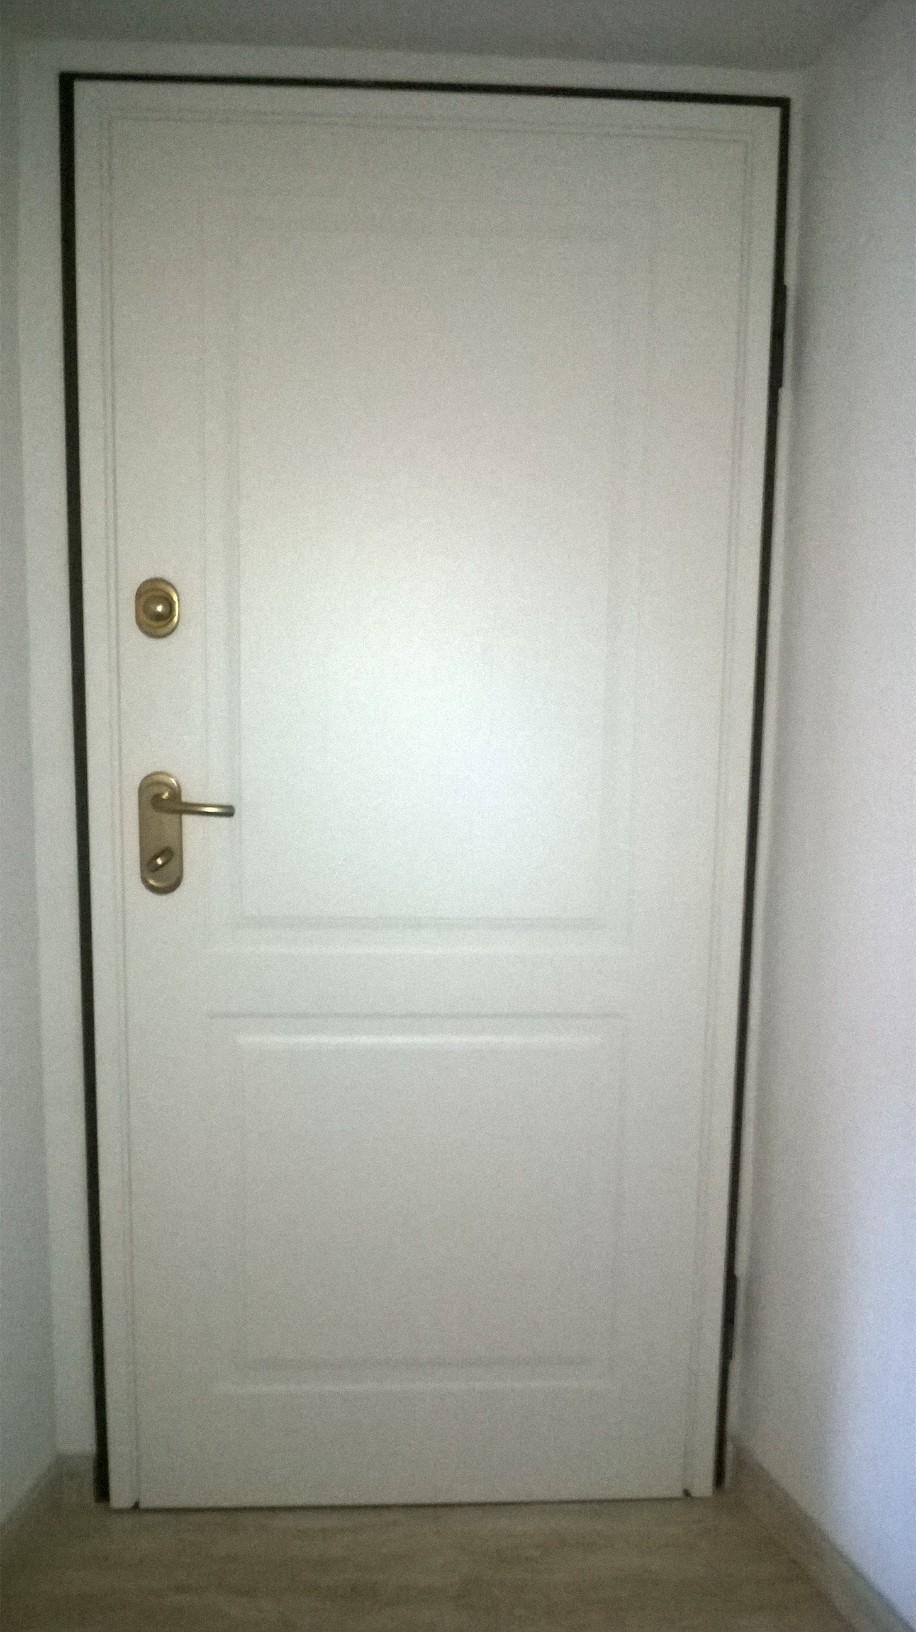 Tersicur giovanni termite assistenza porte blindate e - Insonorizzare porta ...